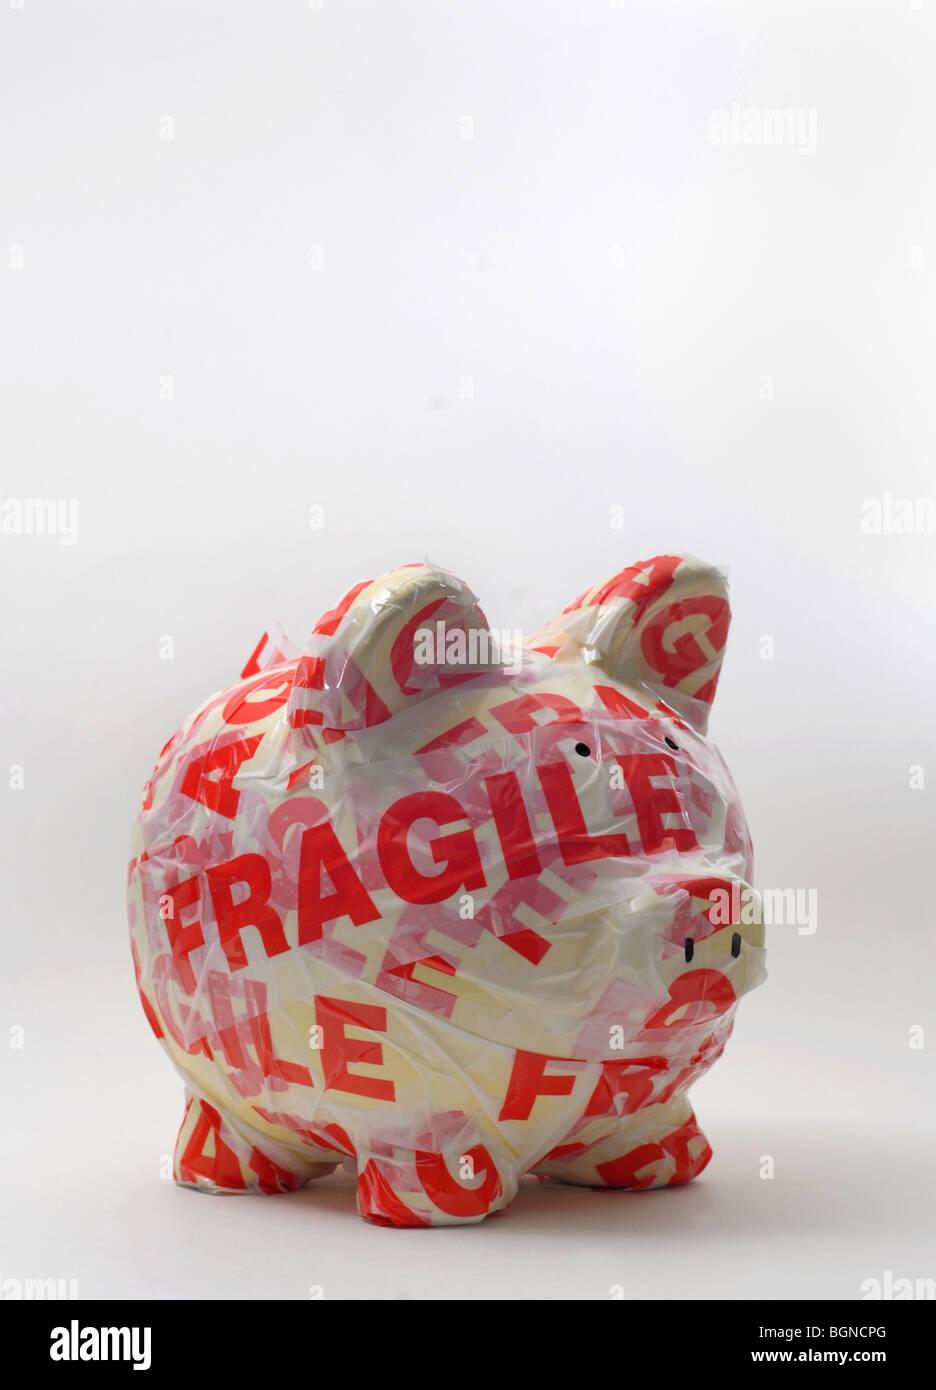 PIGGY BANK IN FRAGILEN WARNUNG GEWICKELT BAND RE/INVESTITIONEN/GELD/WIRTSCHAFT/SPARKASSEN DER WIRTSCHAFT GELD UK Stockbild